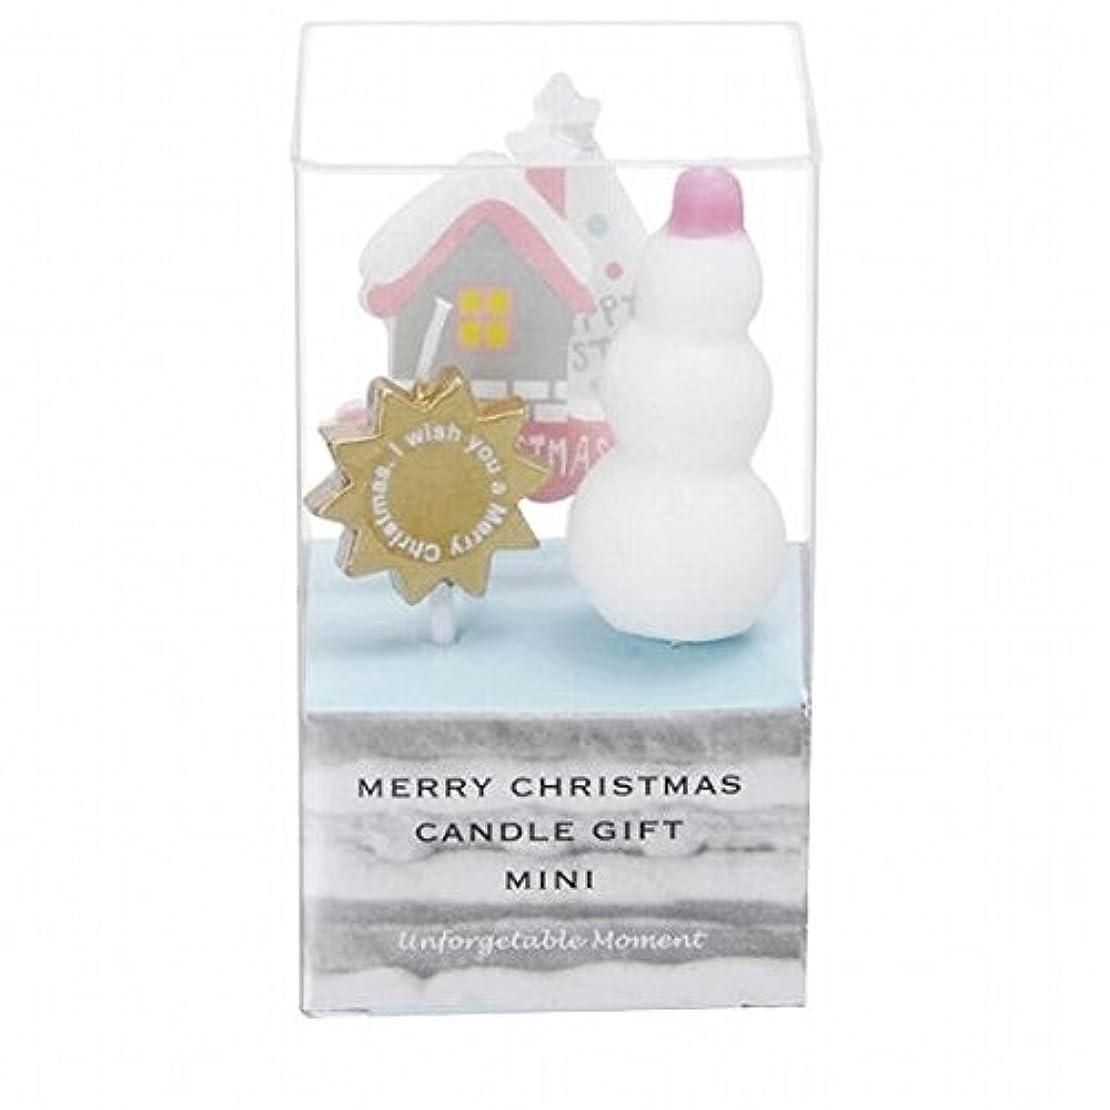 ブースト相手ブラウザkameyama candle(カメヤマキャンドル) クリスマスキャンドルギフトミニ 「 B 」(55350050)